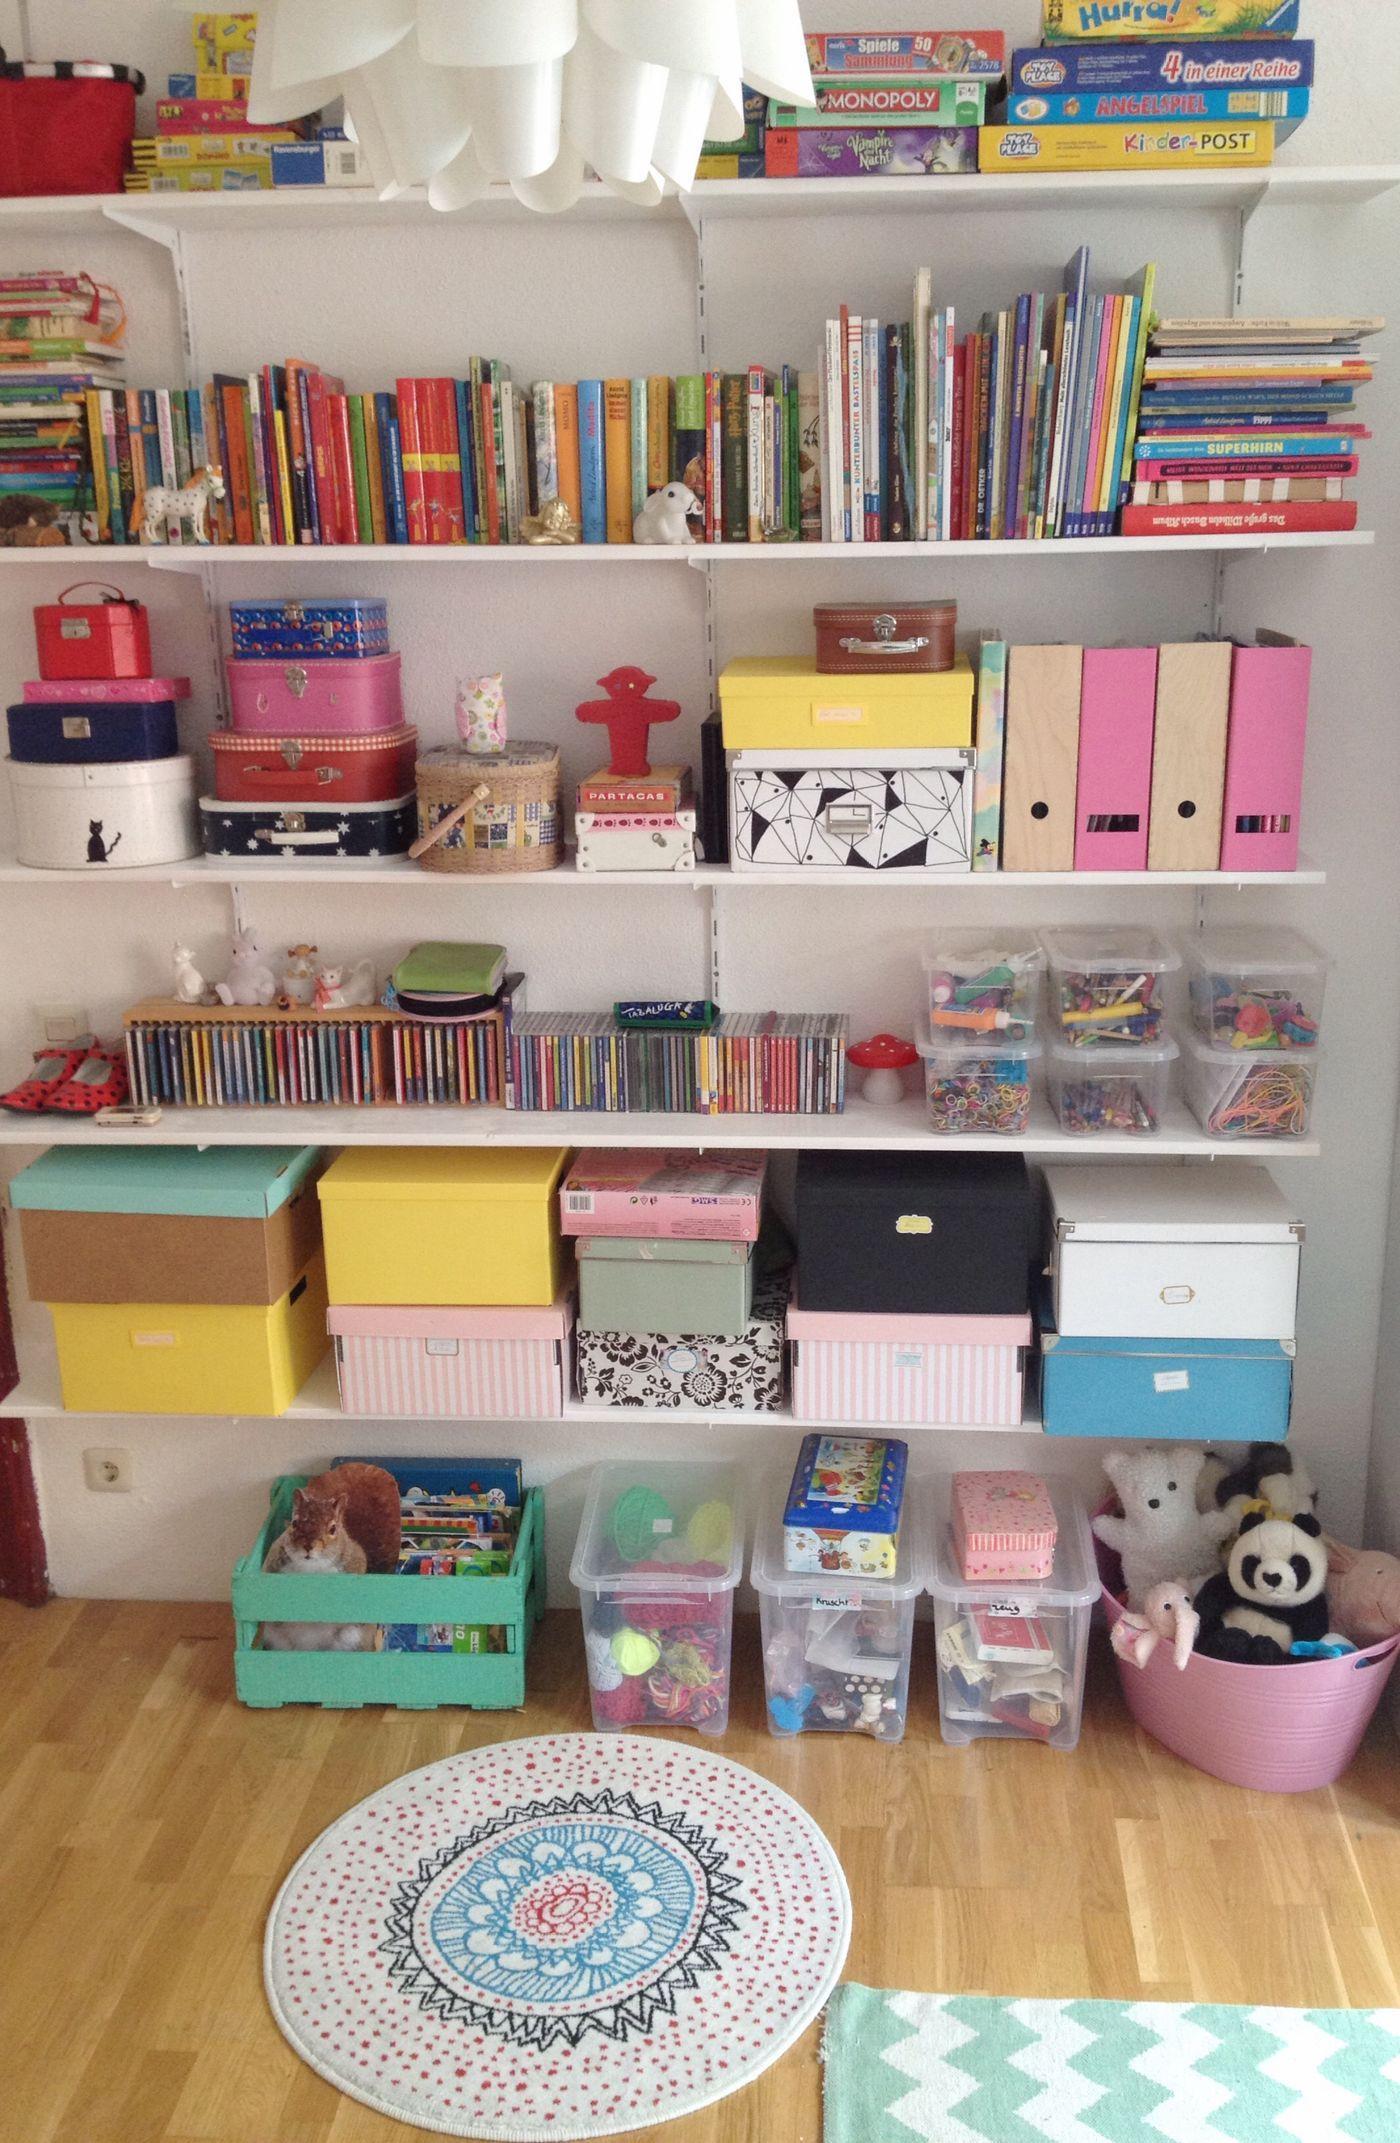 ideen f r stauraum und aufbewahrung im kinderzimmer